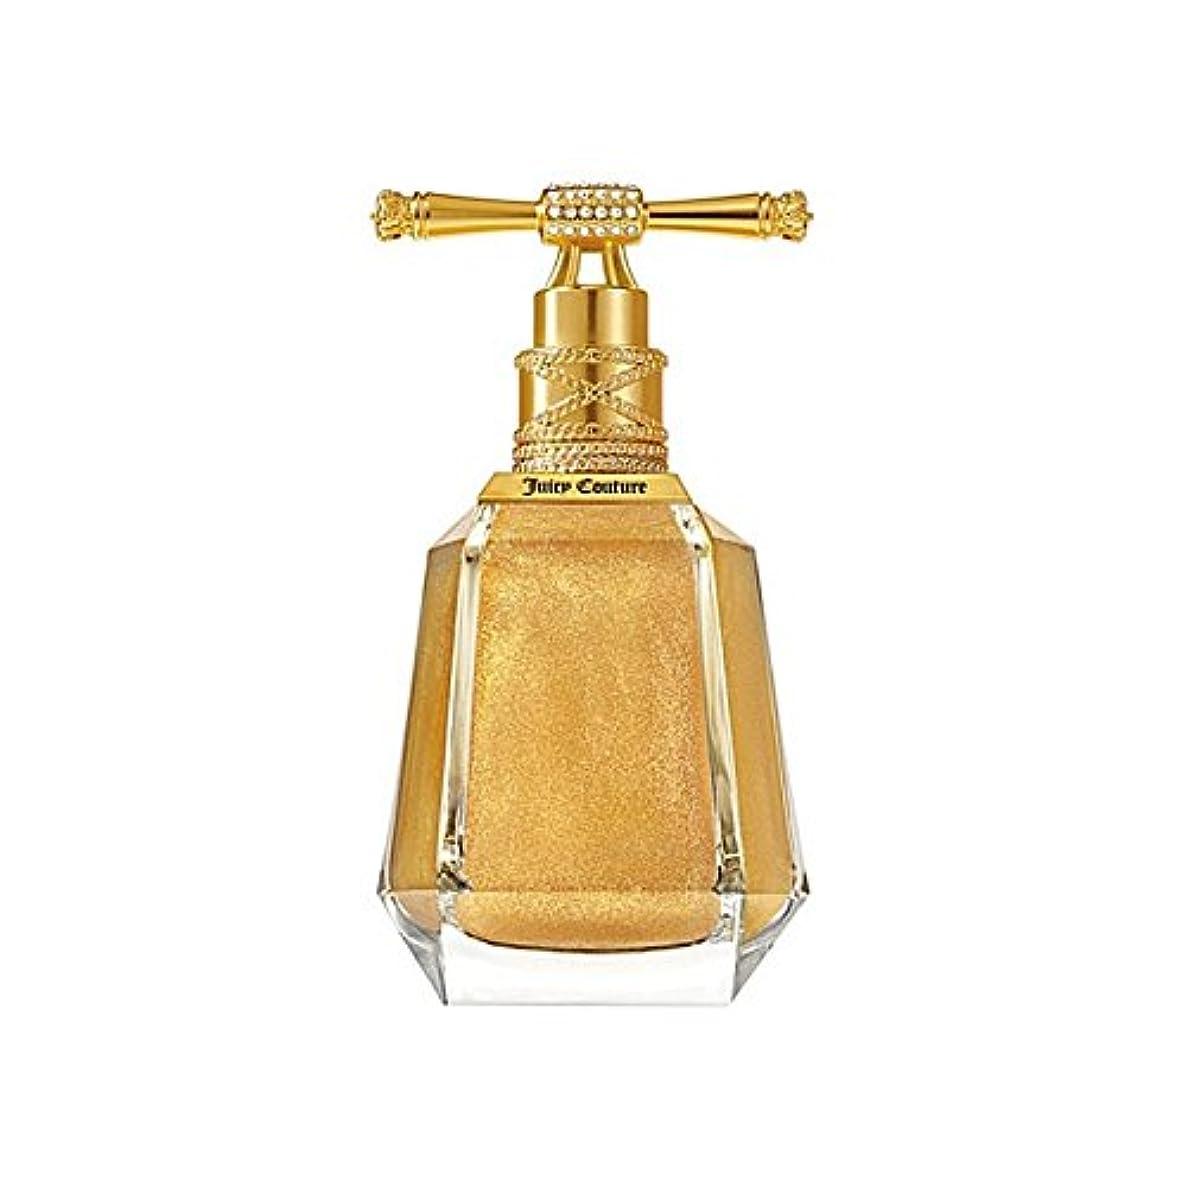 Juicy Couture Dry Oil Shimmer Mist 100ml - ジューシークチュールドライオイルきらめきミスト100ミリリットル [並行輸入品]